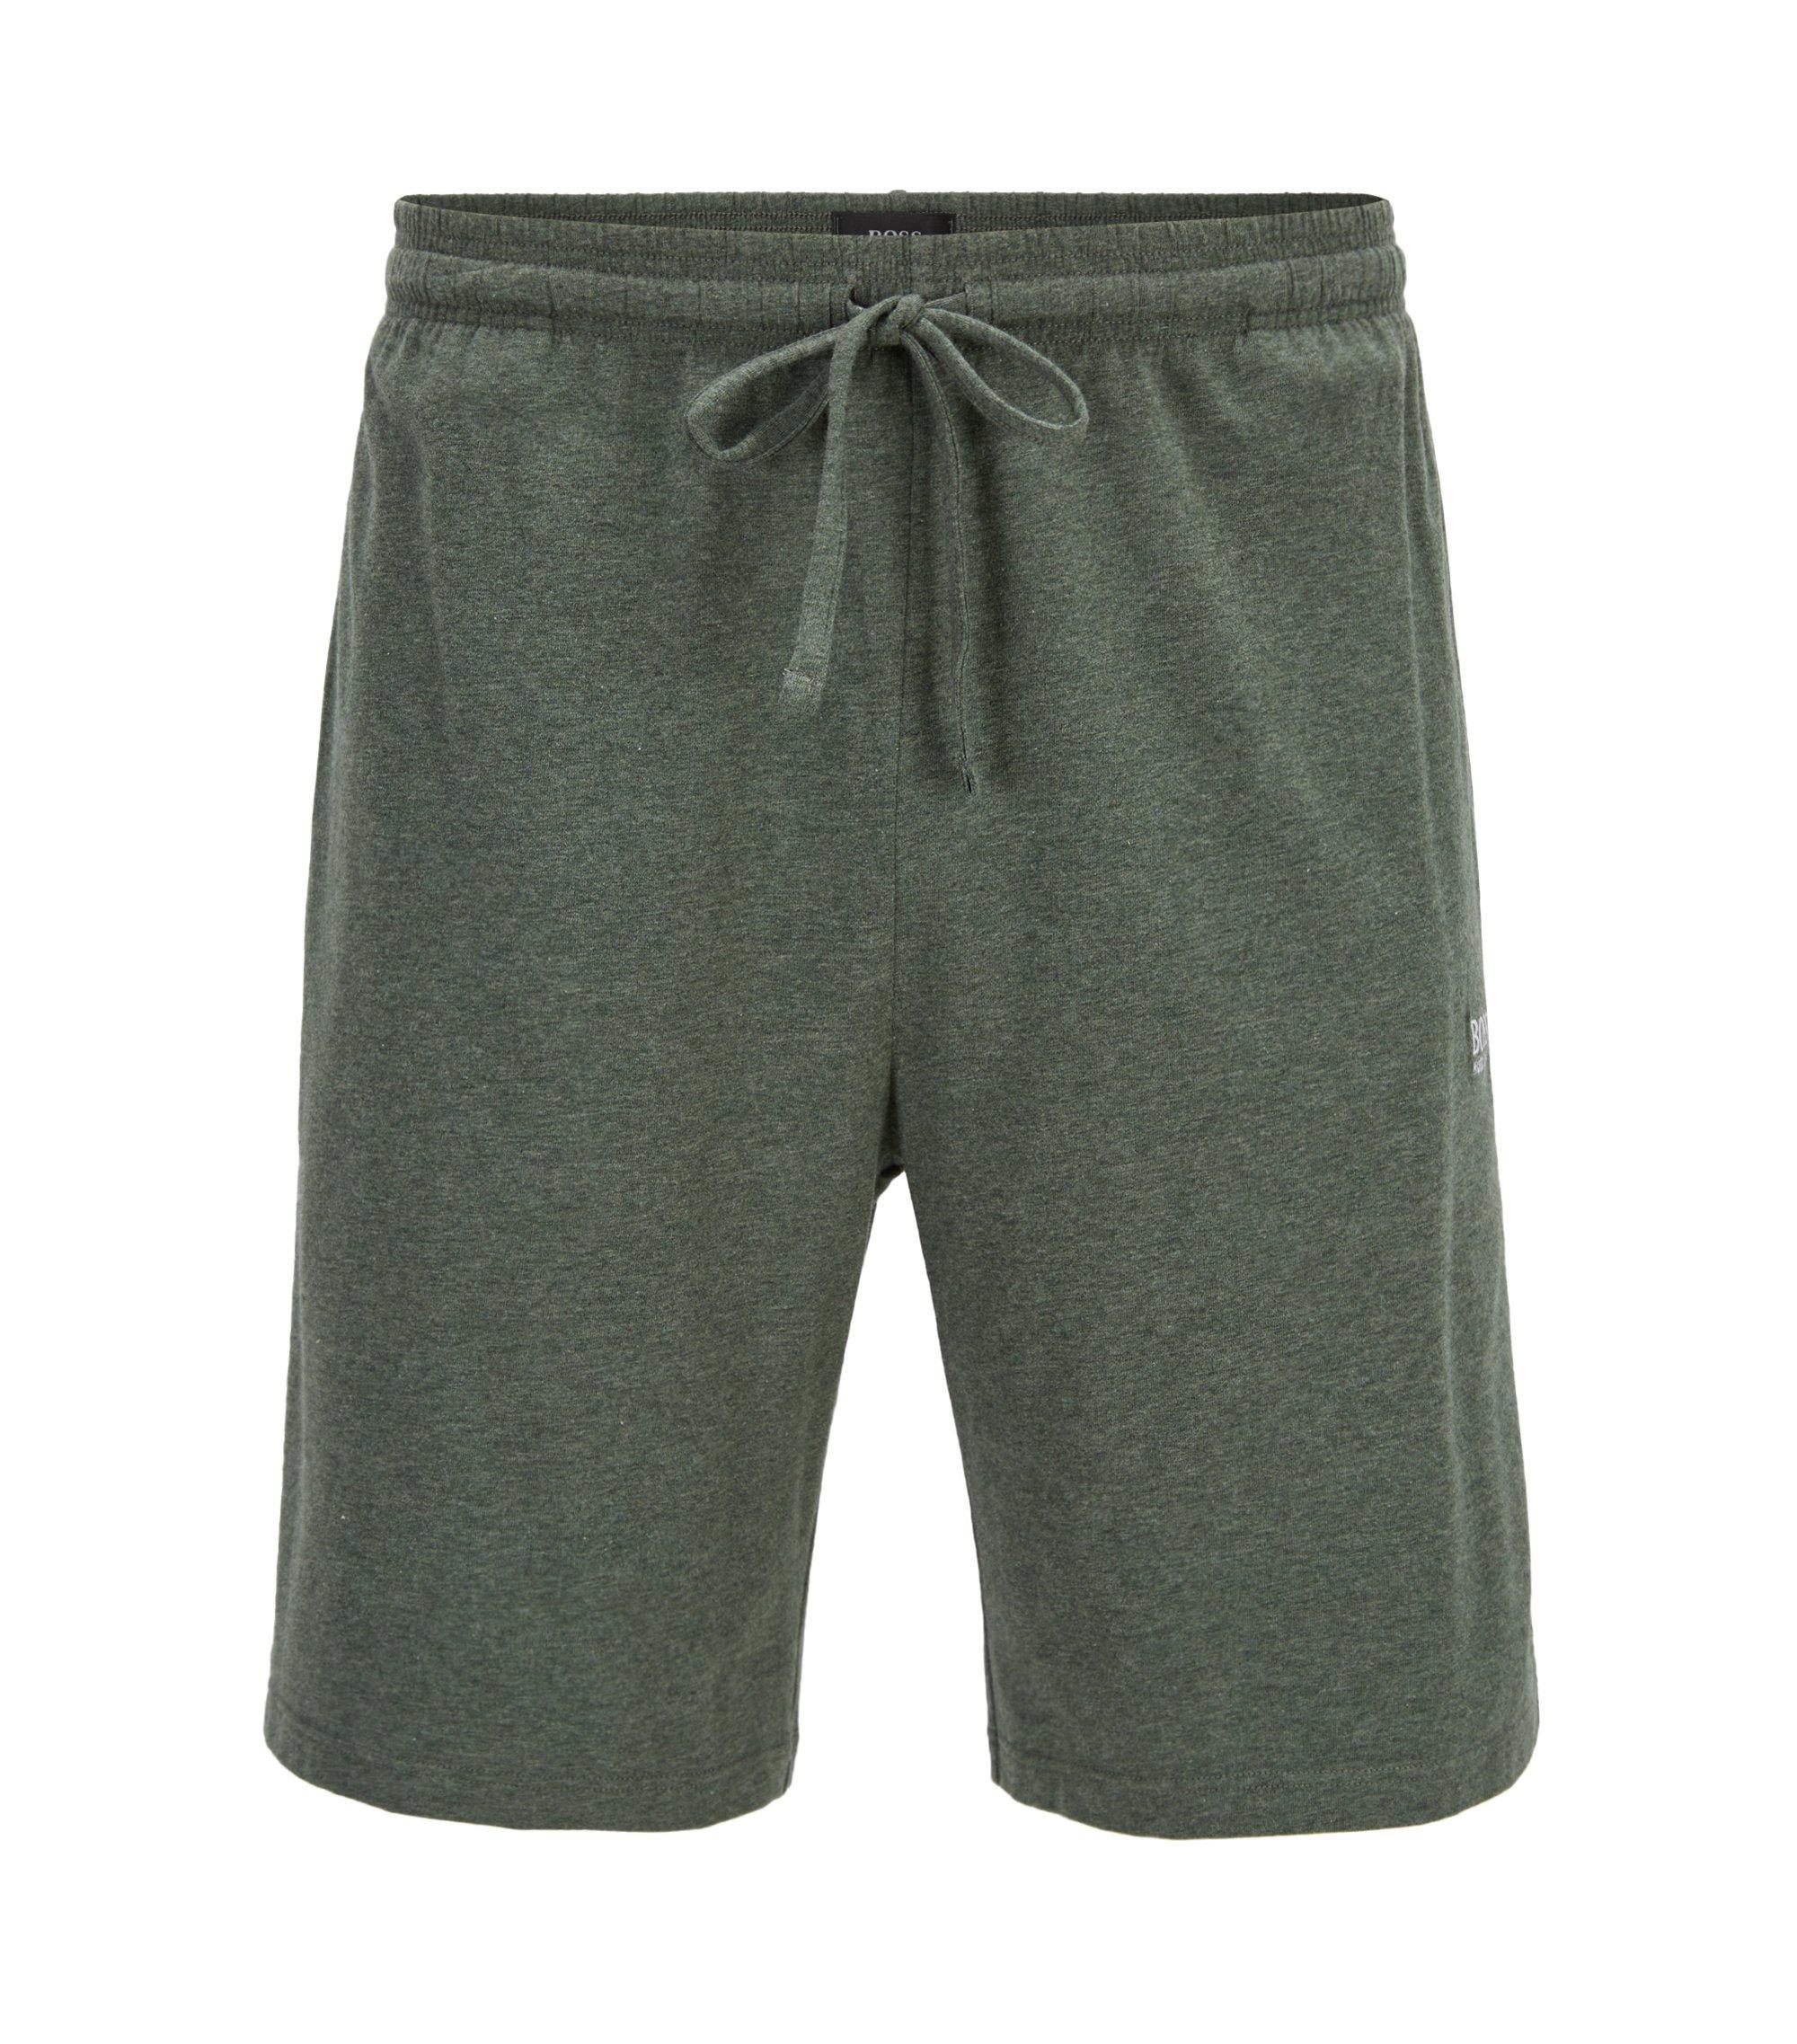 Short d'intérieur en jersey de coton stretch doté d'une taille avec cordon de serrage, Vert sombre